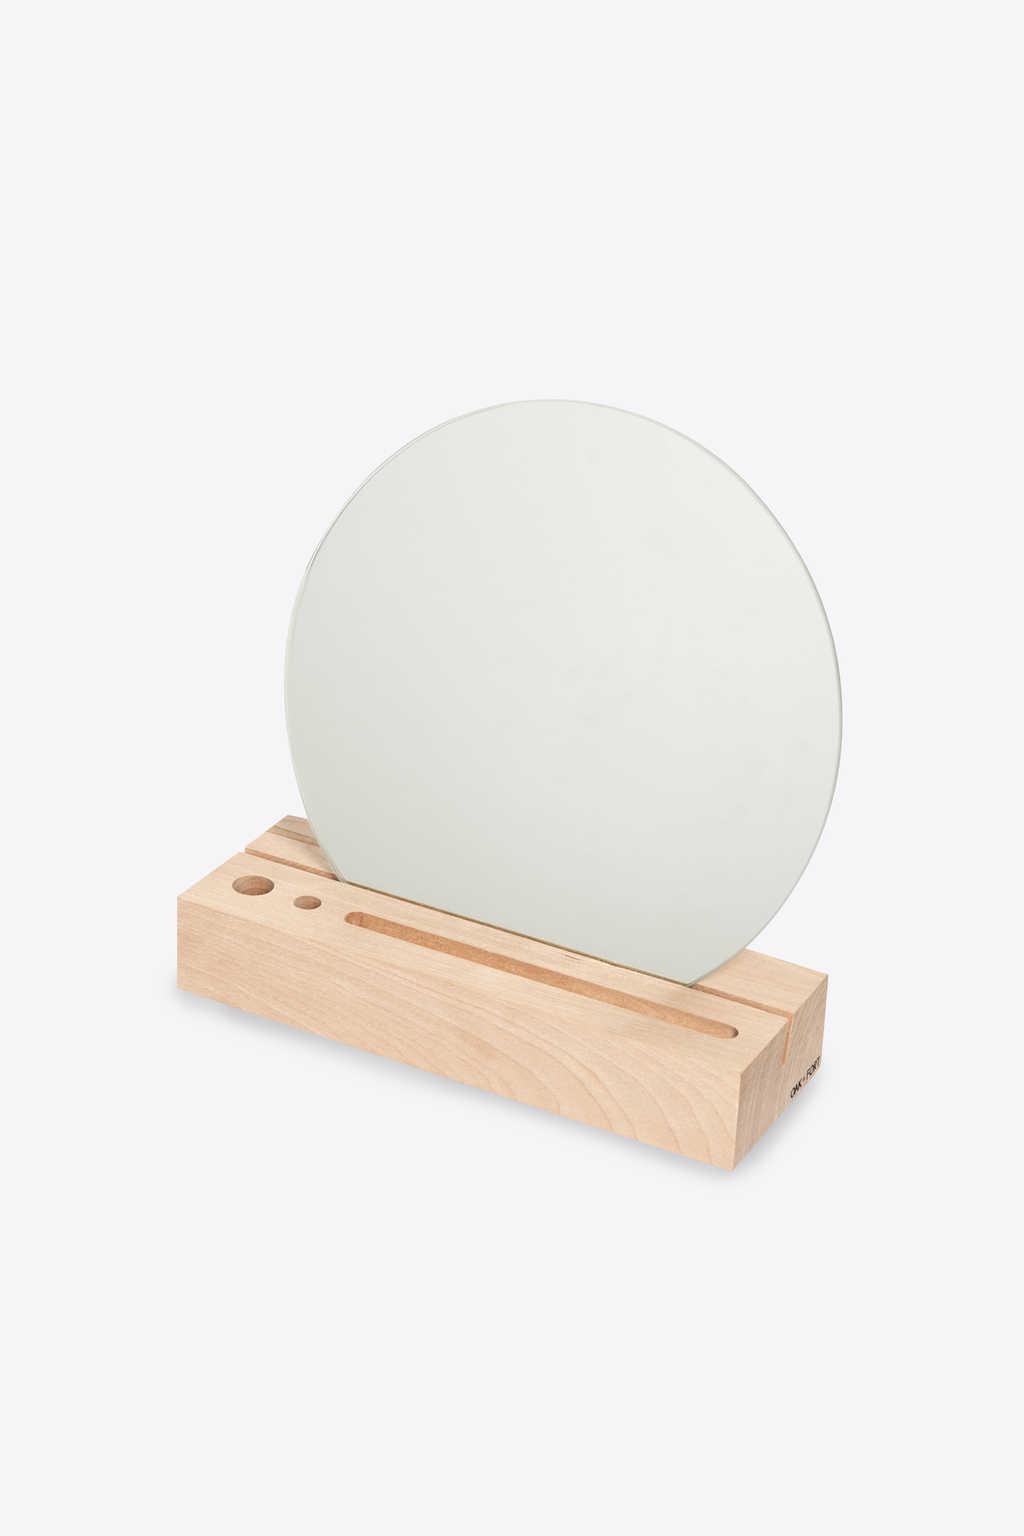 Wooden Mirror Stand 2901 Beige 2